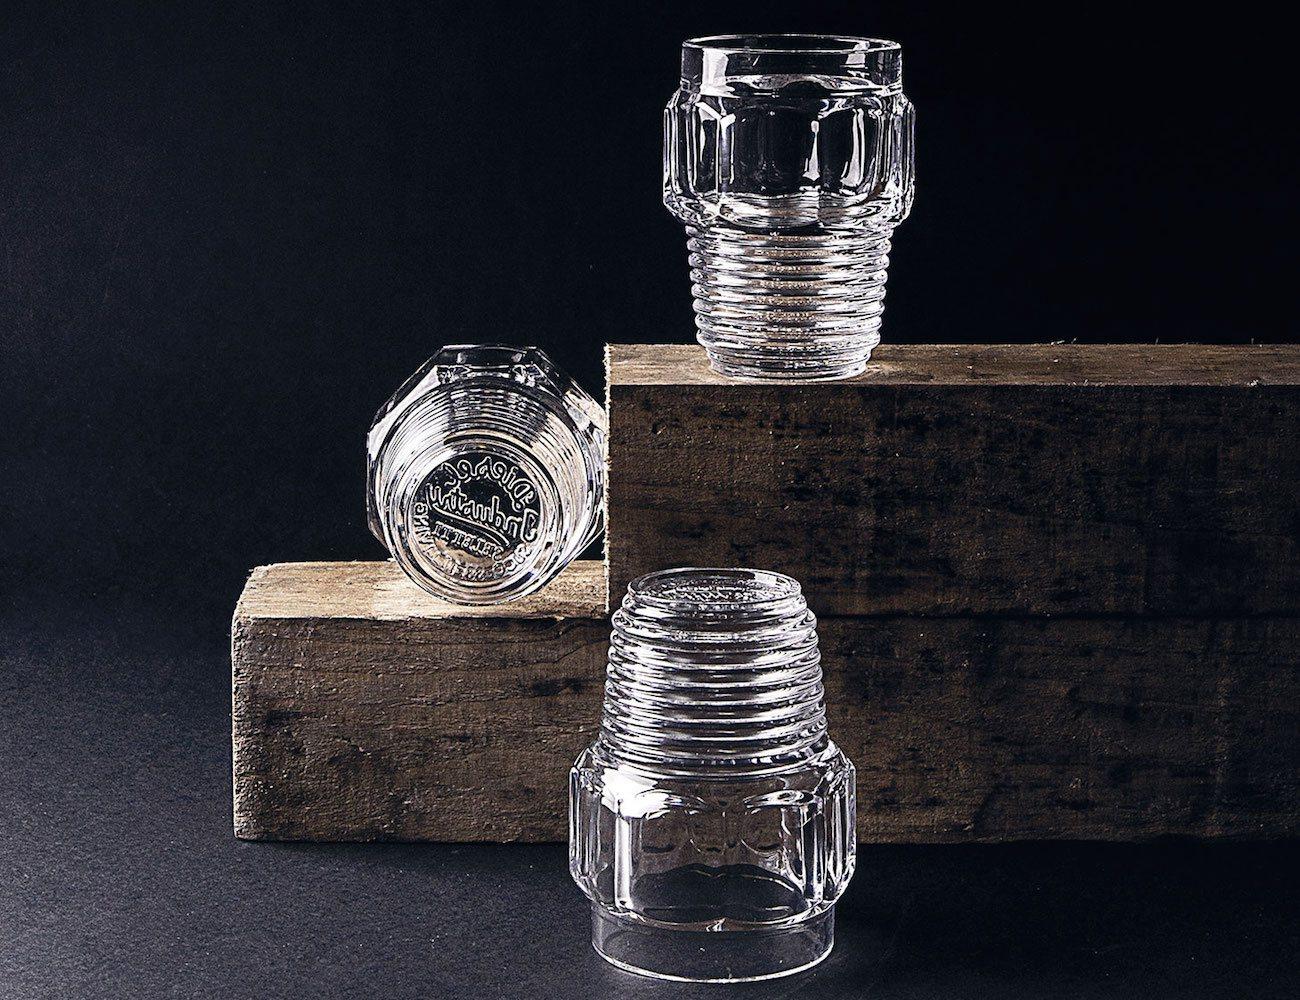 Machine Glassware by Diesel